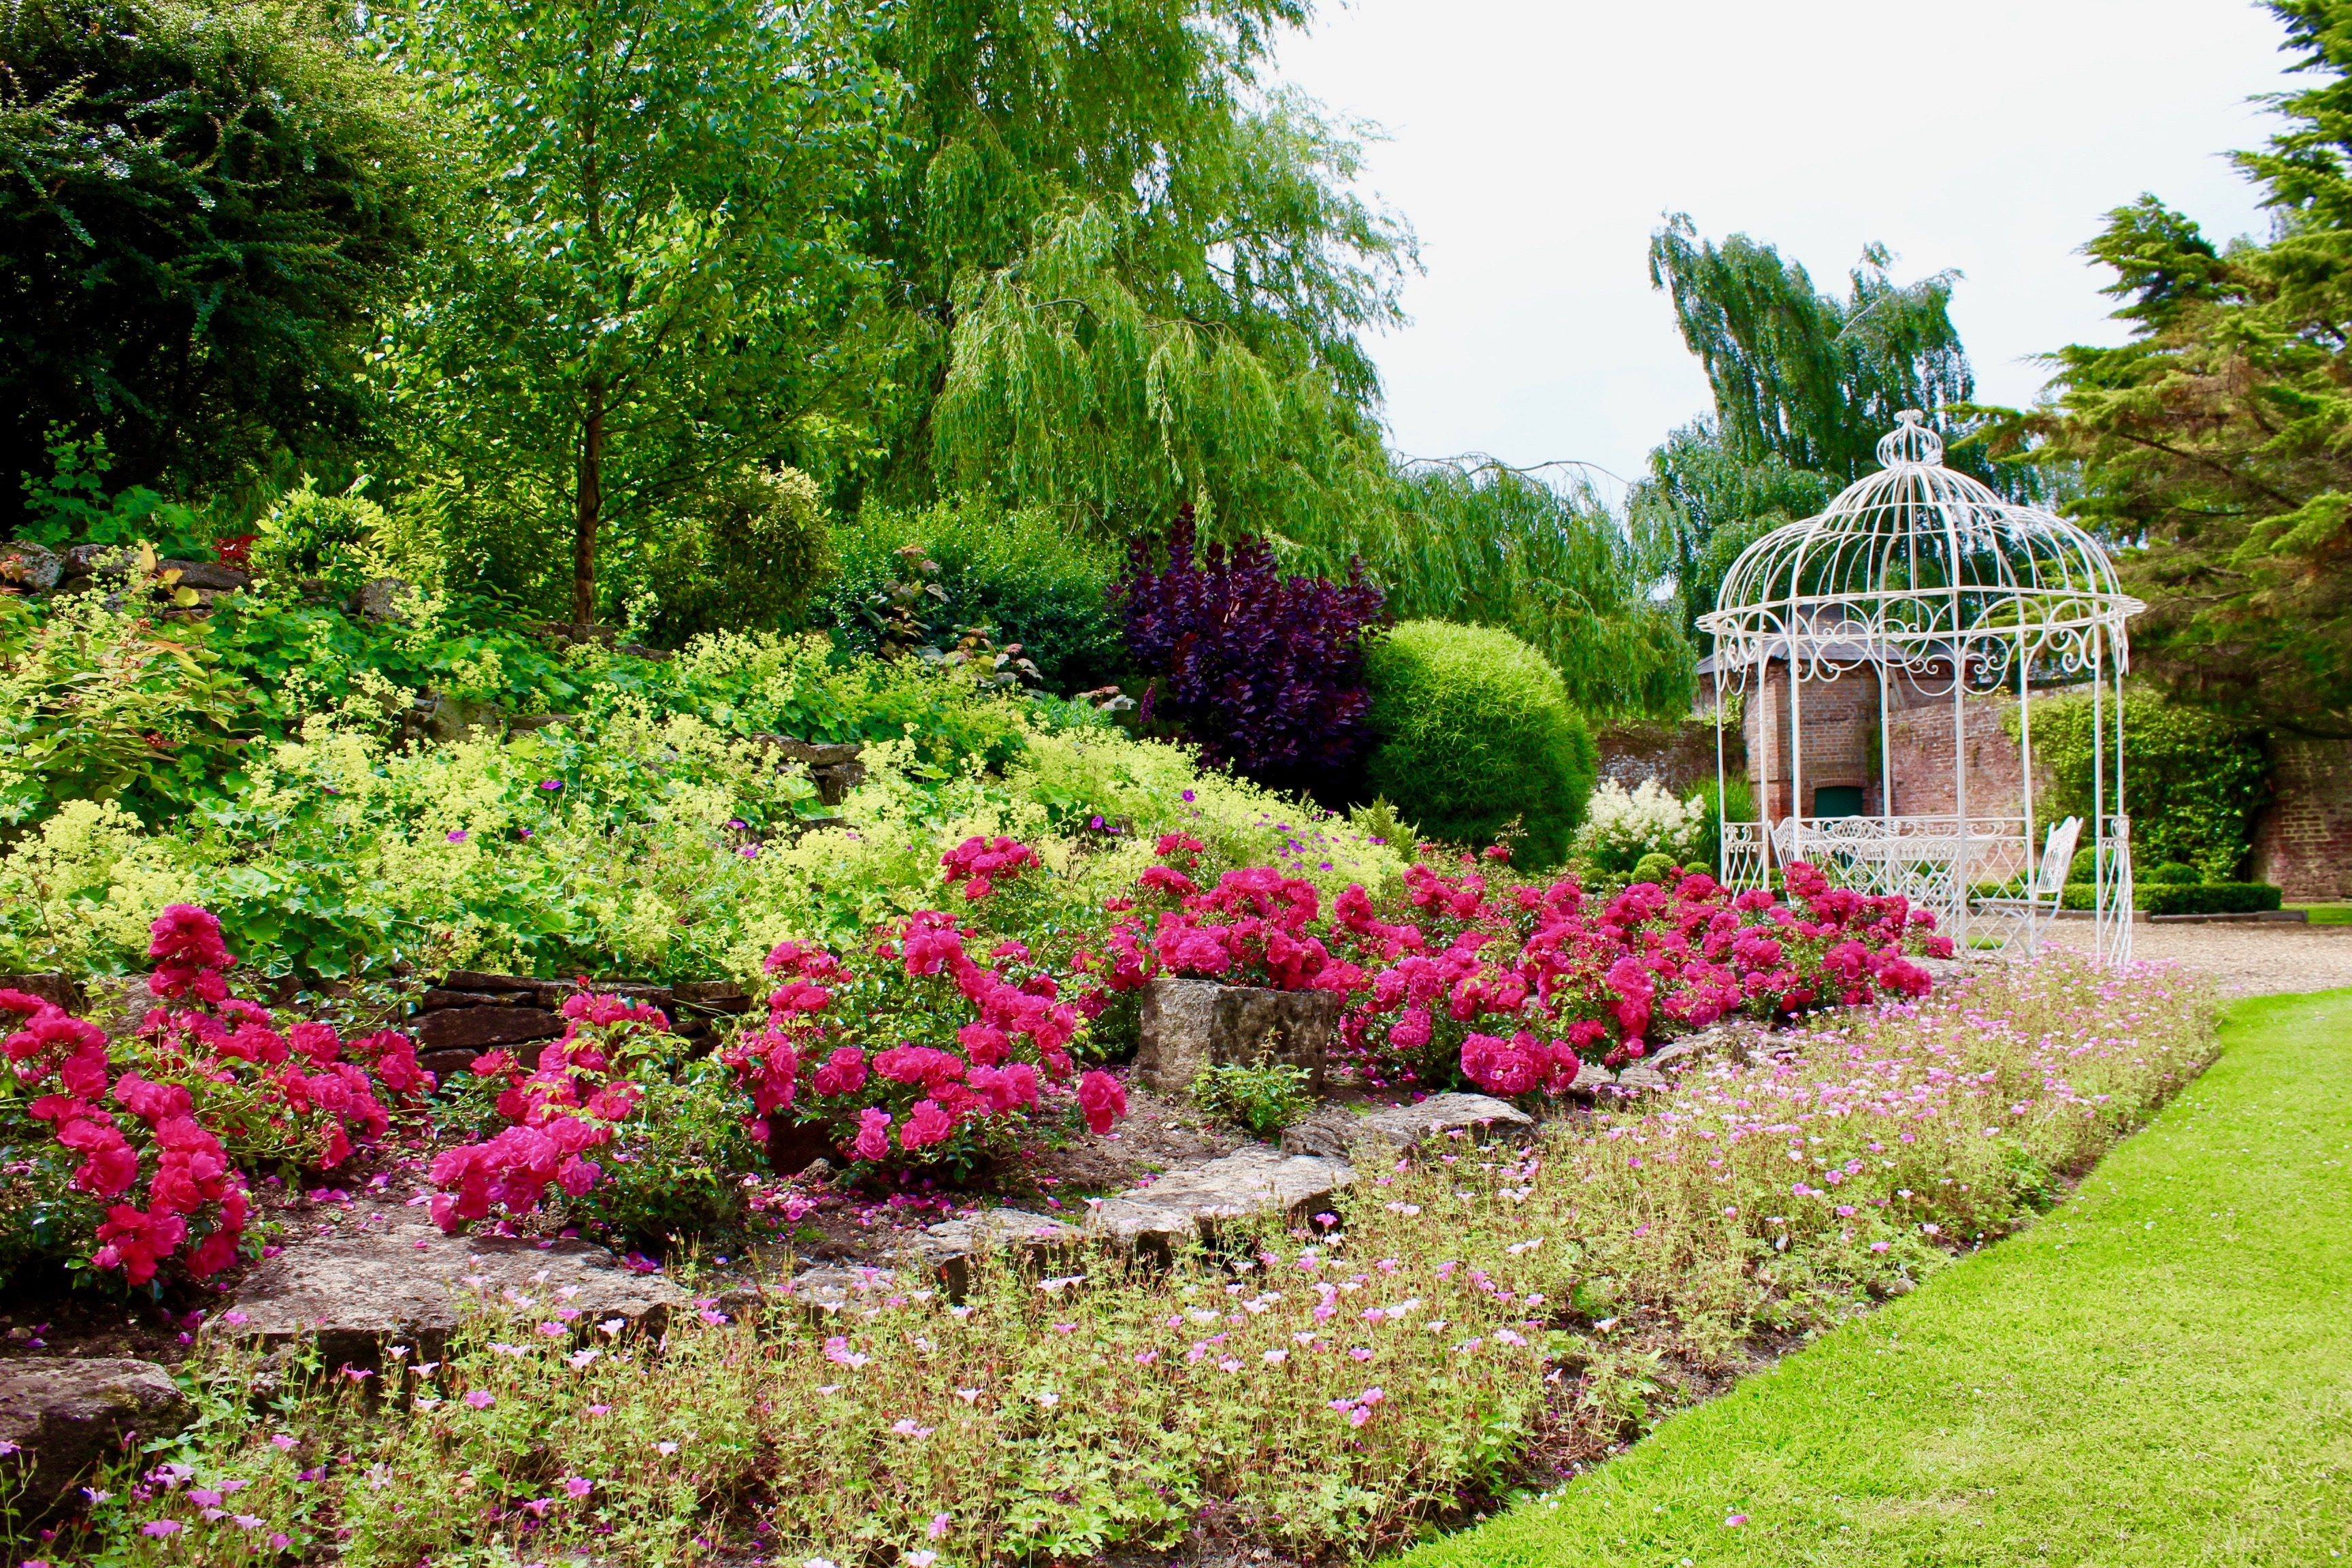 Landscaped walled garden